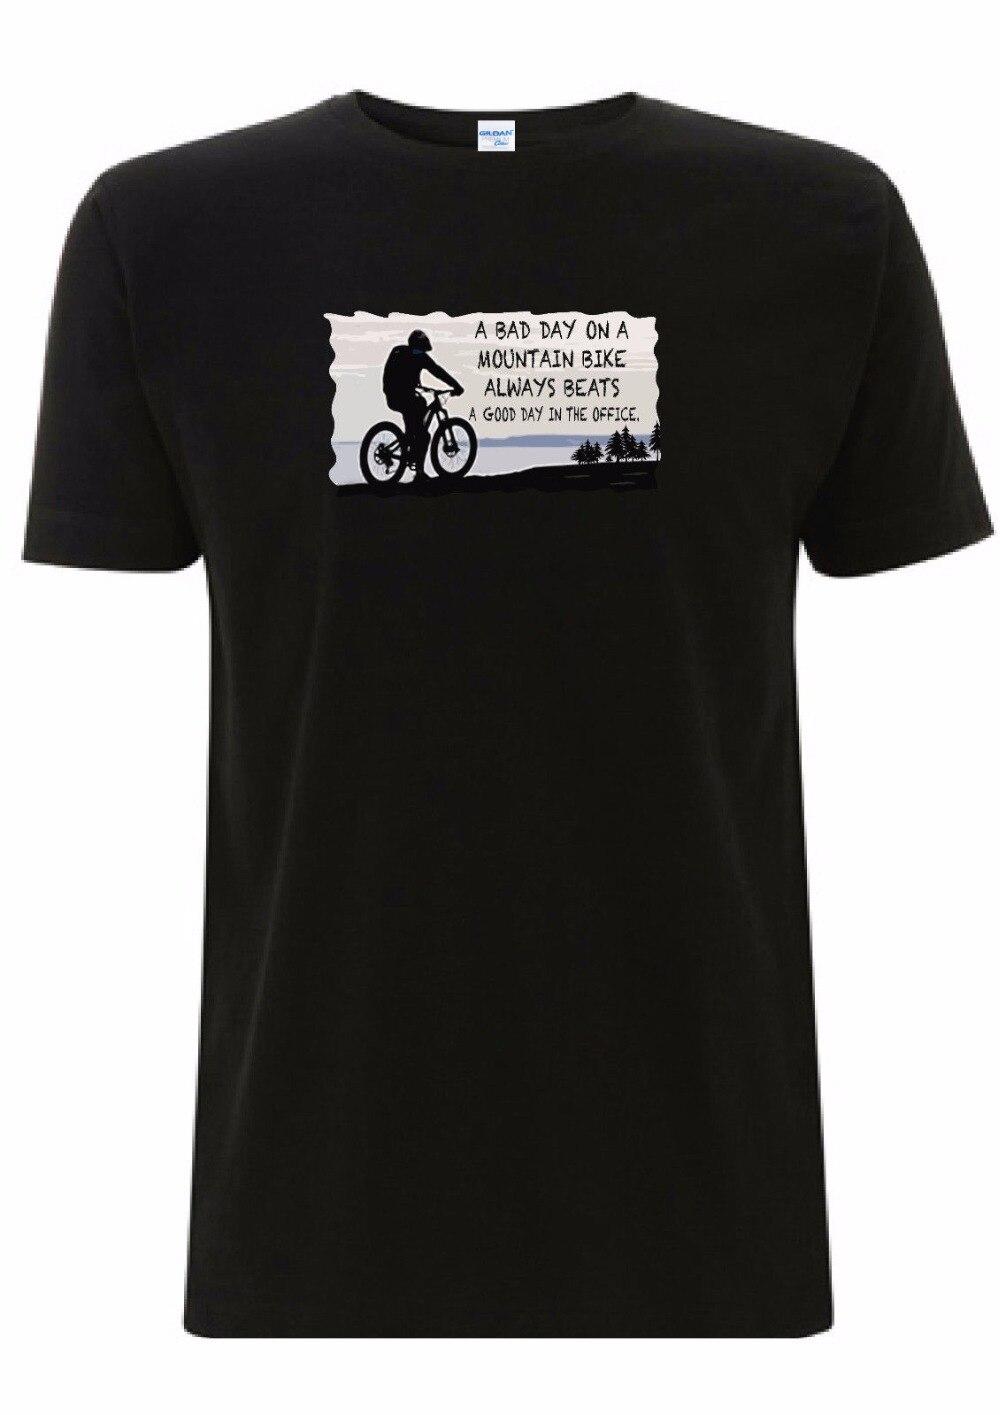 Camiseta de moda 2019 para hombre de motociclista de montaña Mtb un mal día en una montaña Biker Bmx Down Hill Racer Cycles camiseta sudadera